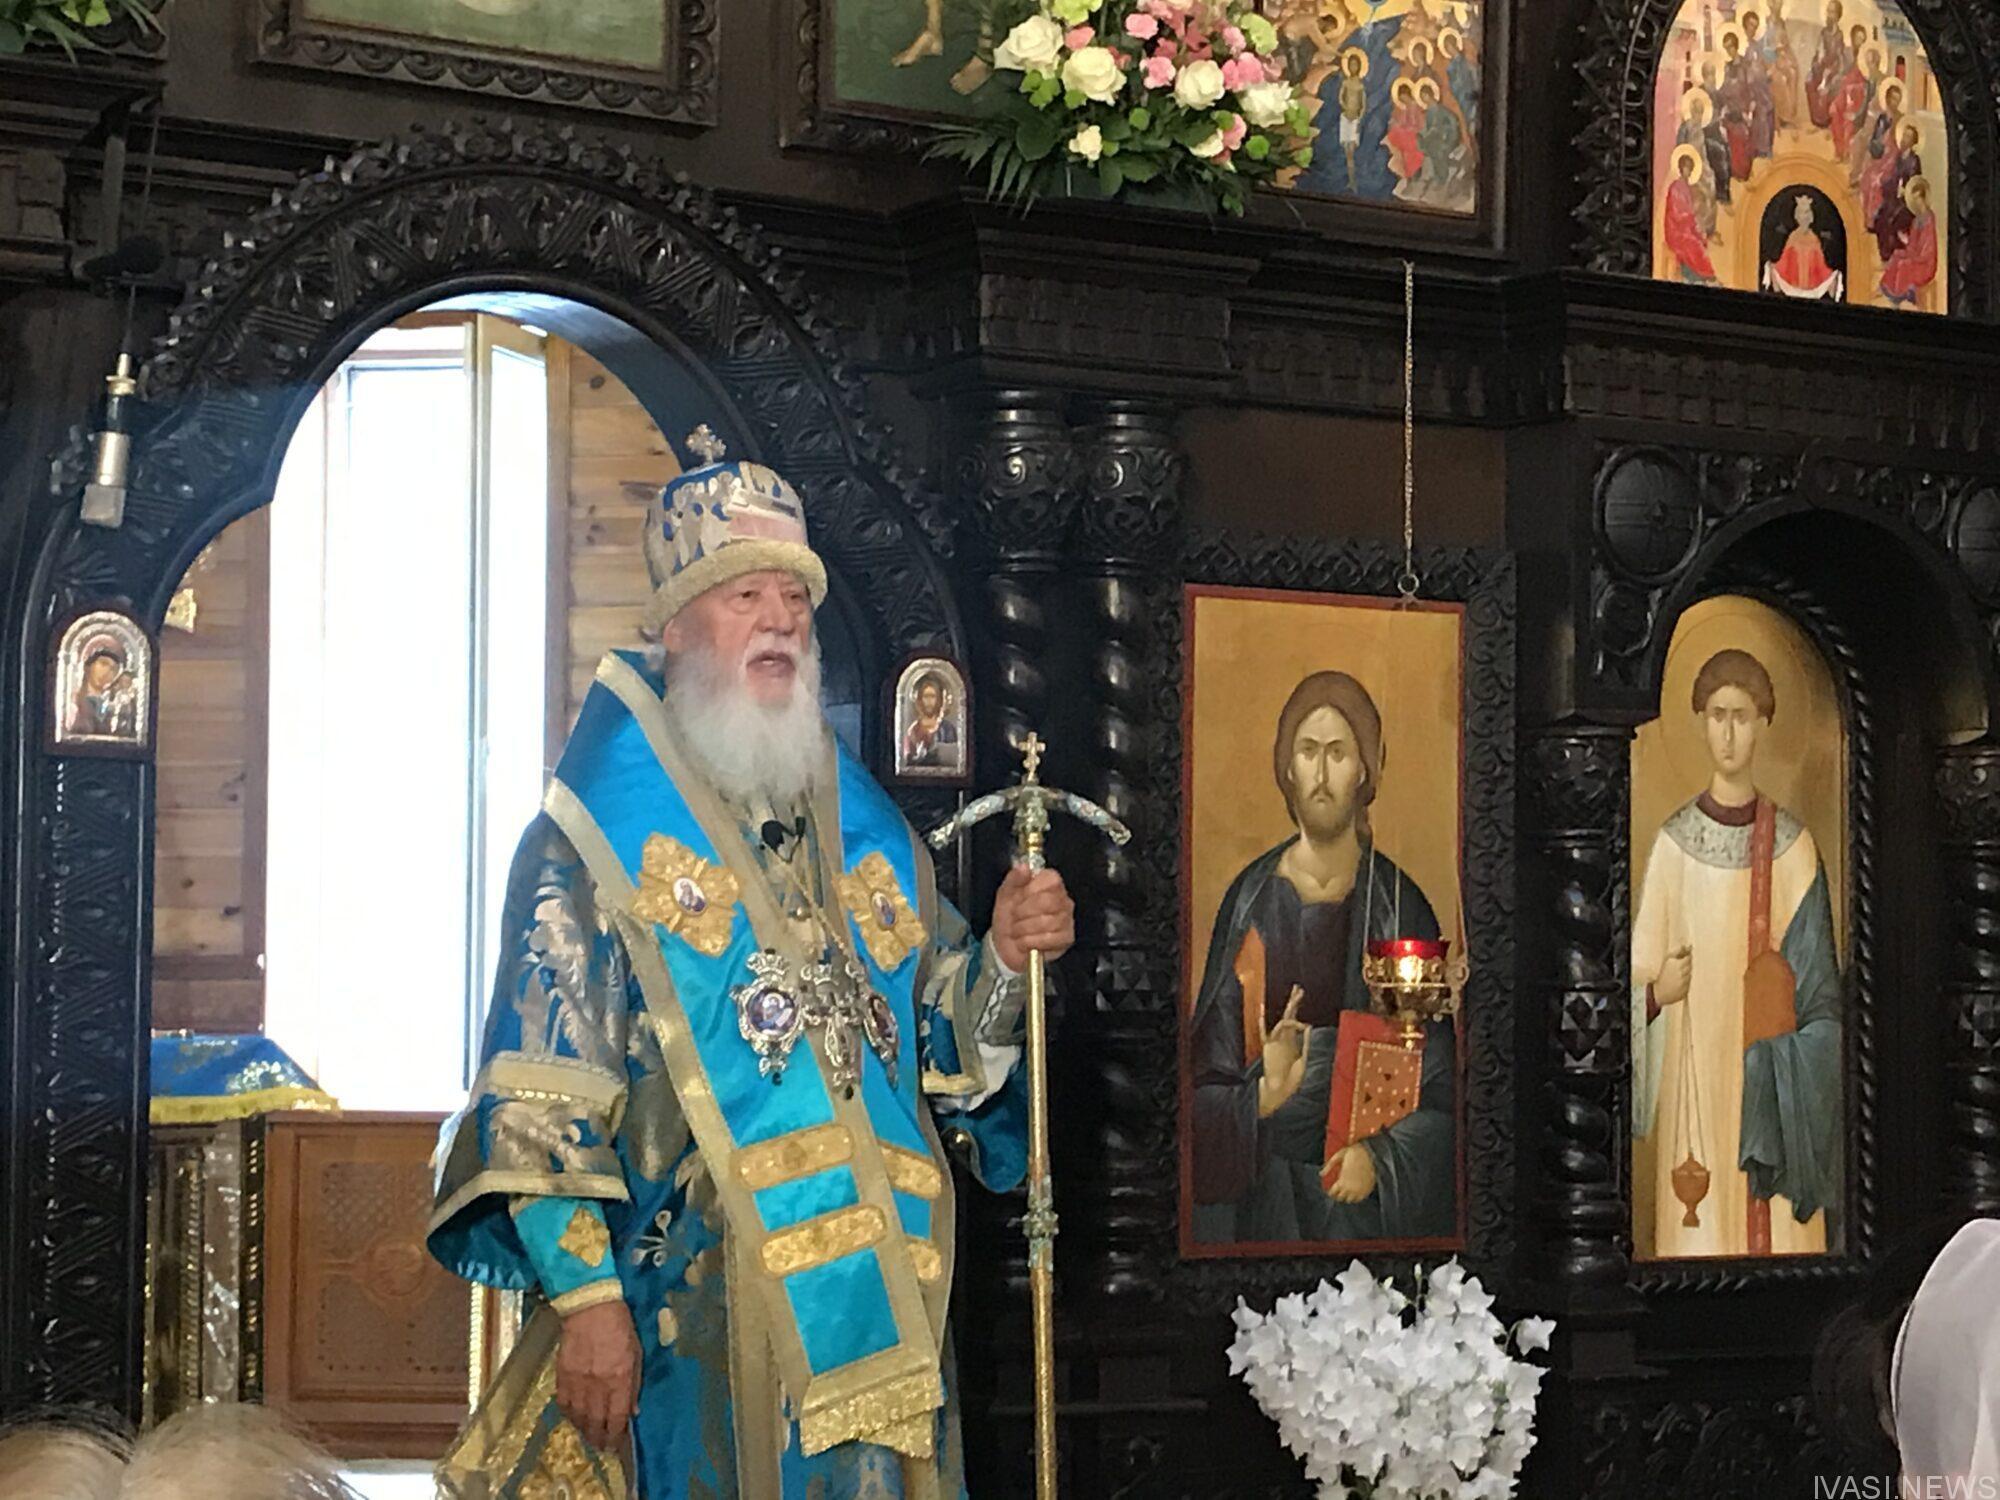 Митрополит Одесский и Измаильский Агафангел рассказывает историю иконы Споручница грешных Одесса